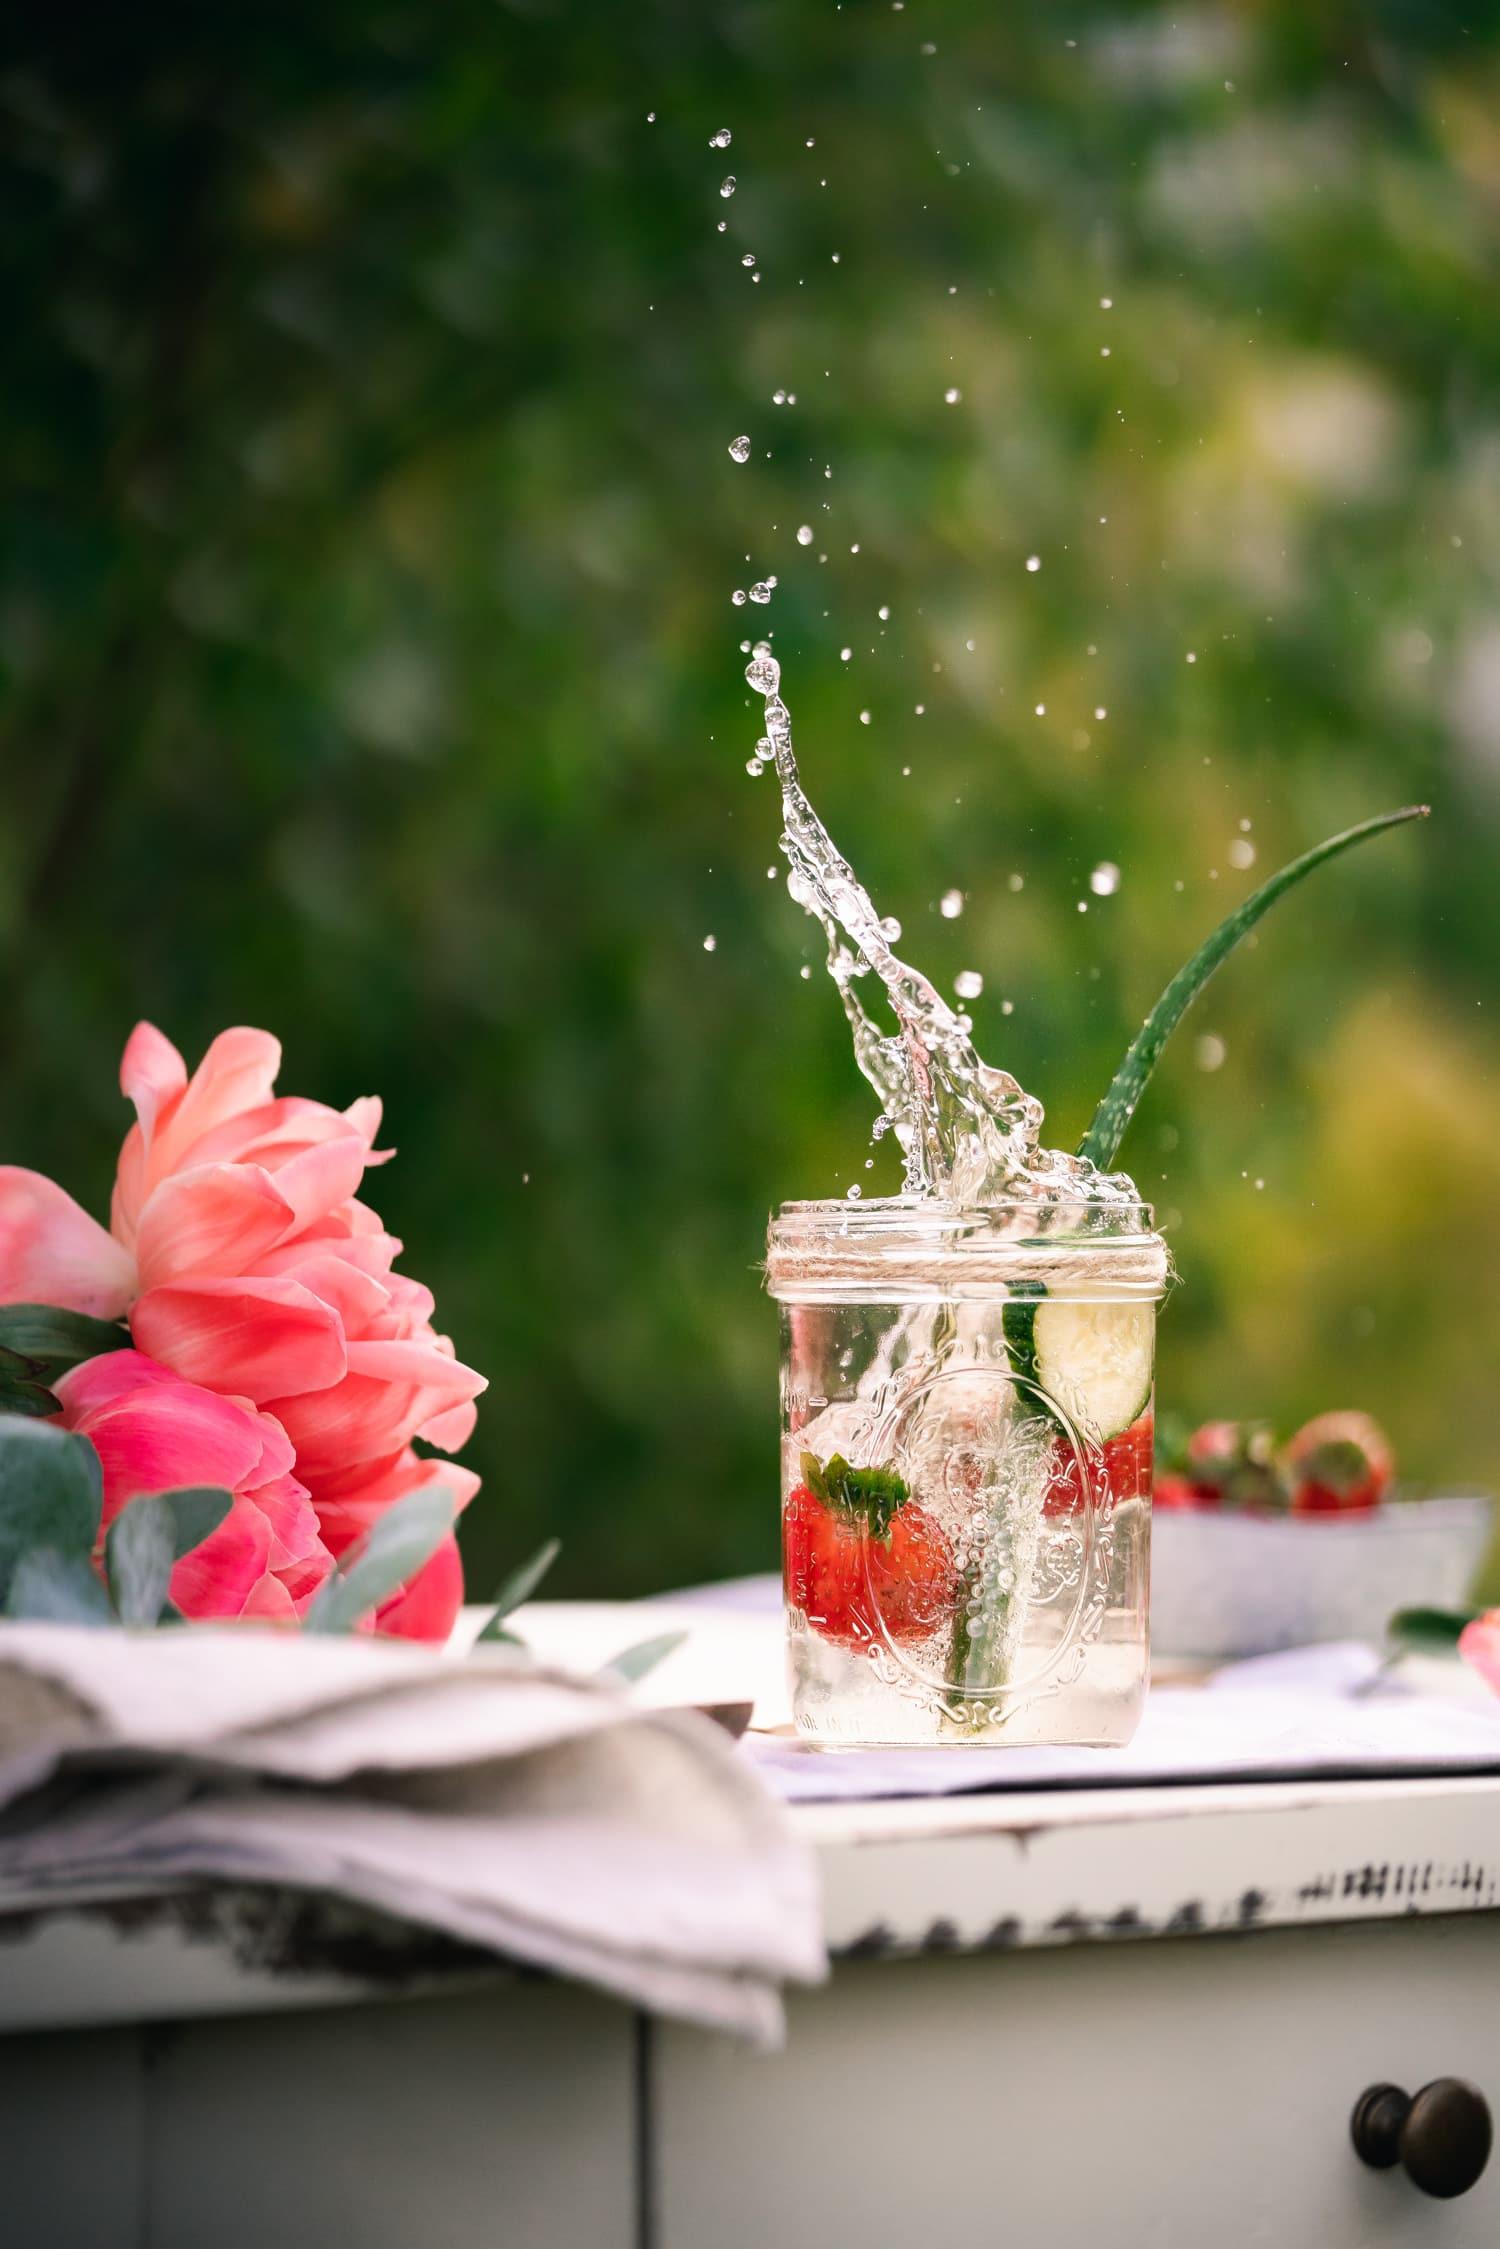 Wasser mit Geschmack :Erdbeere ins Glas gefallen mit Wasserspritzern